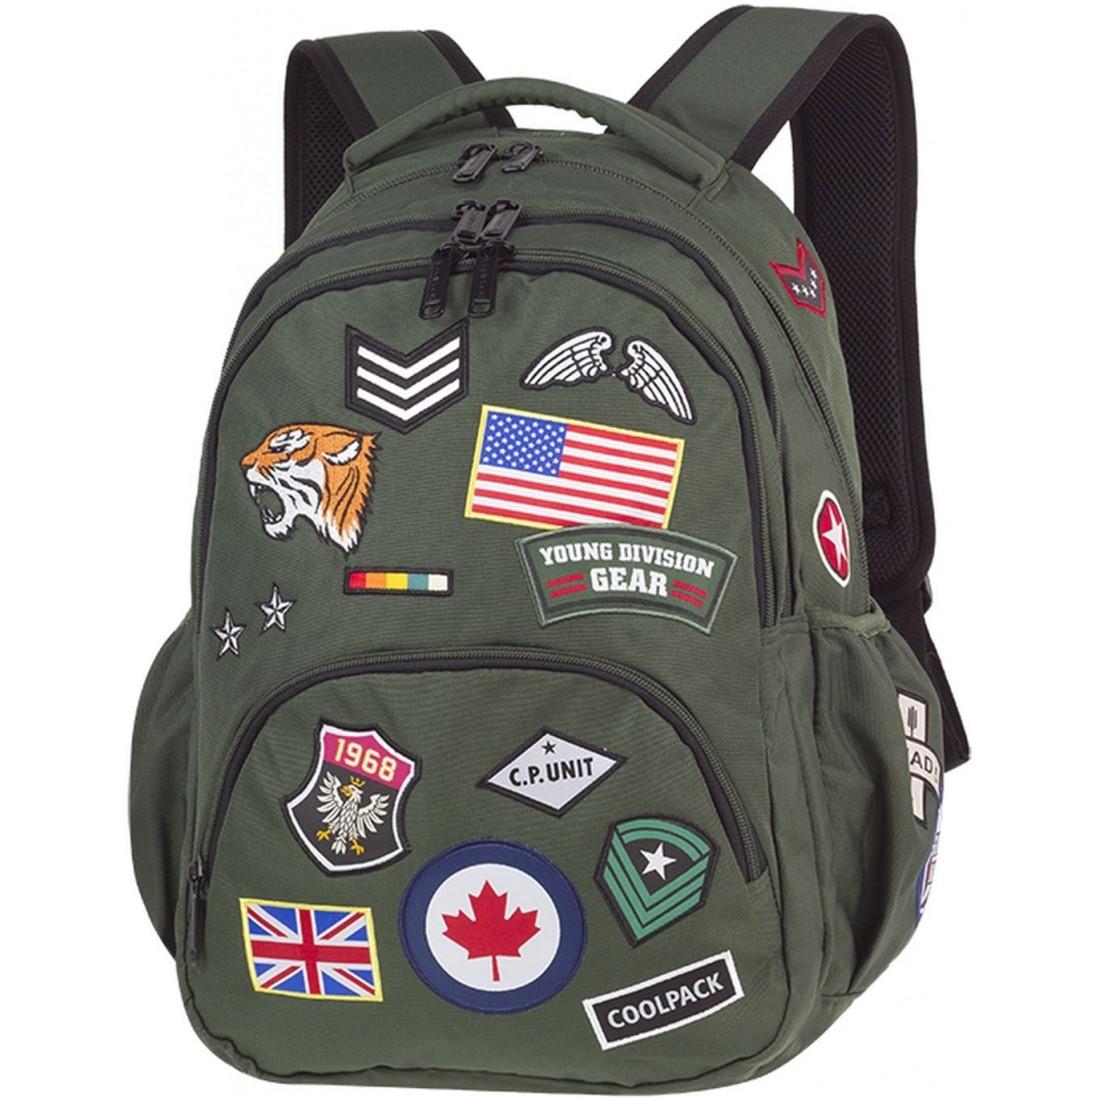 a02c98691b70a Plecak szkolny CoolPack CP BENTLEY BADGES GREEN zielony z wszywkami  wojskowy styl - 415